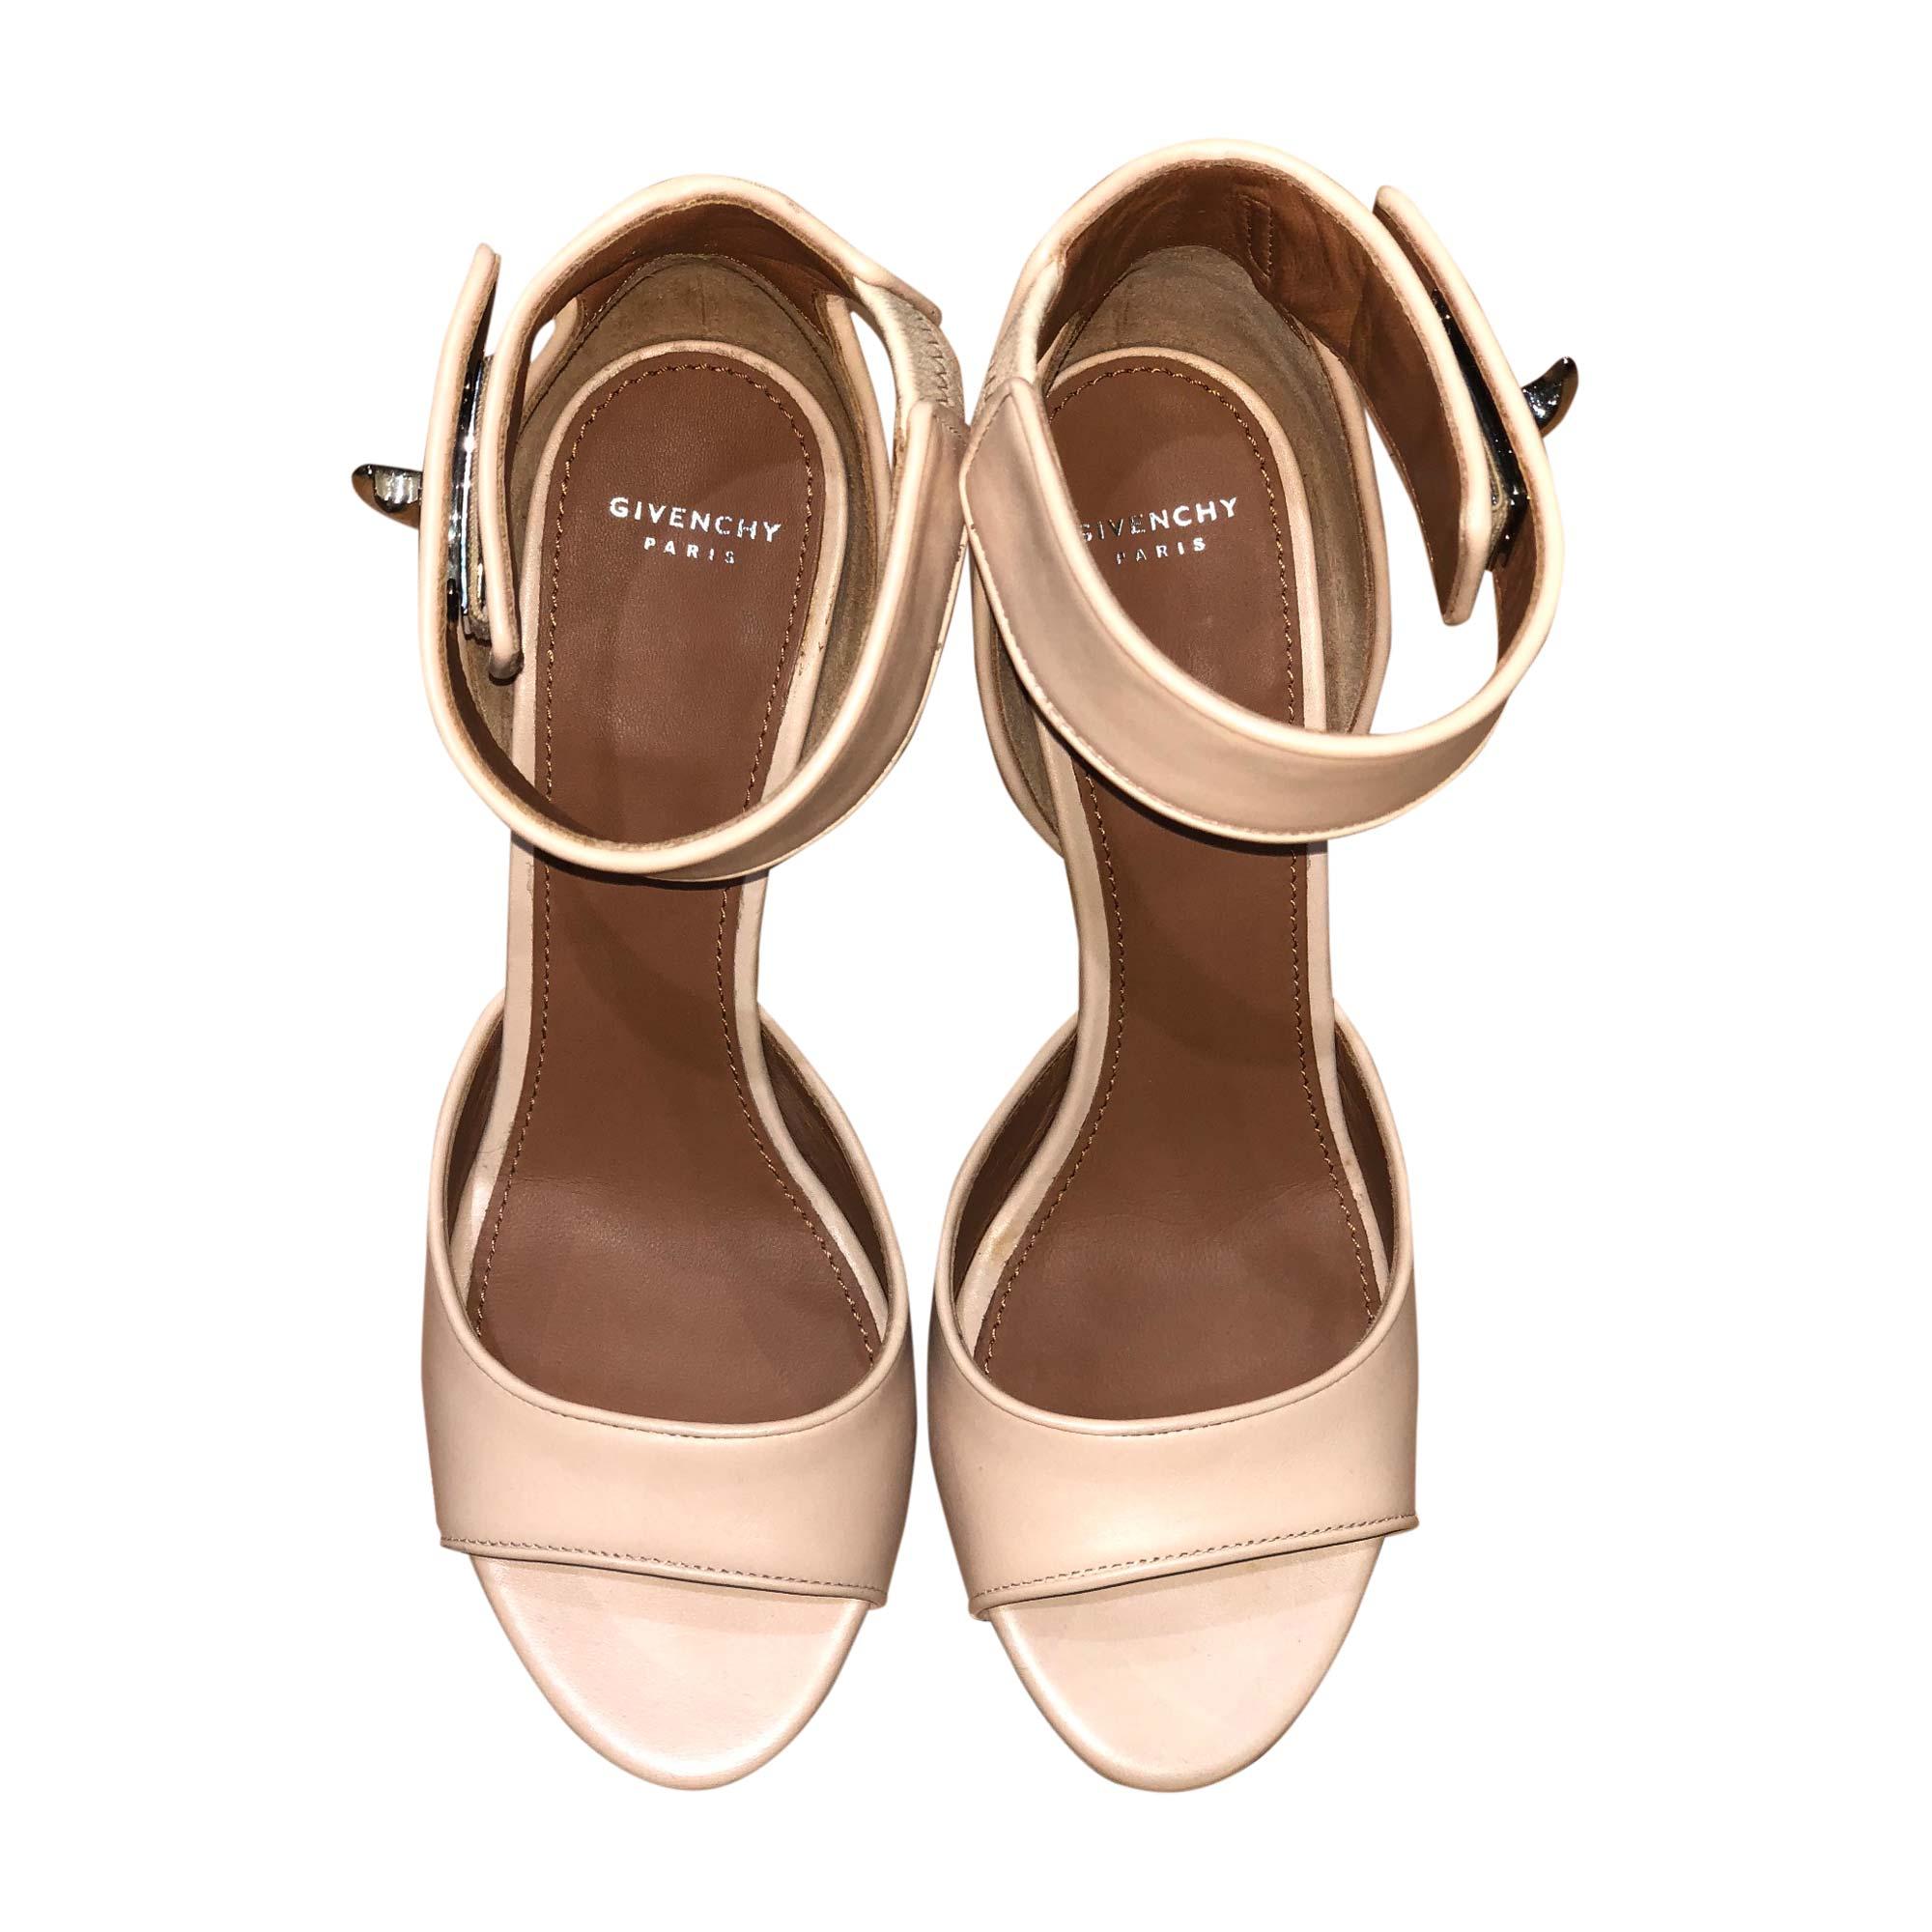 Heeled Sandals GIVENCHY Beige, camel